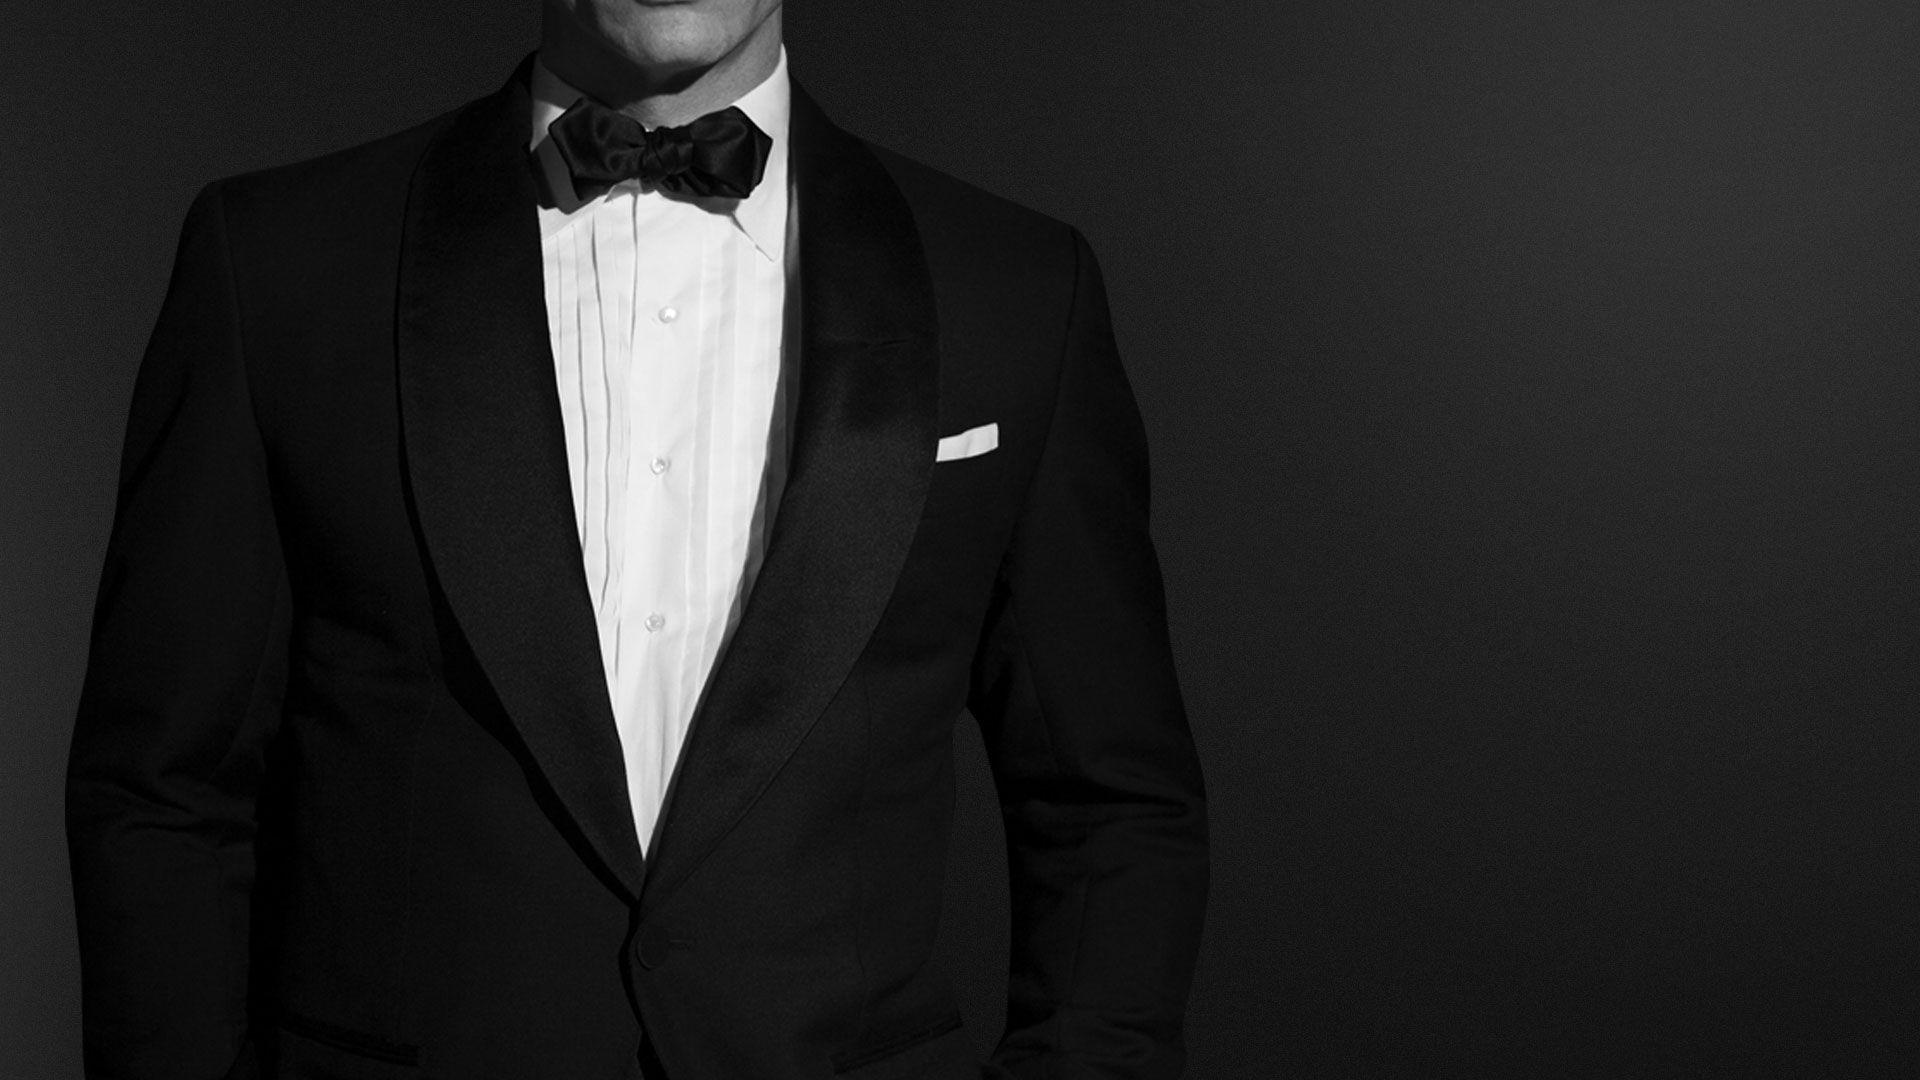 Gentleman desktop background hd